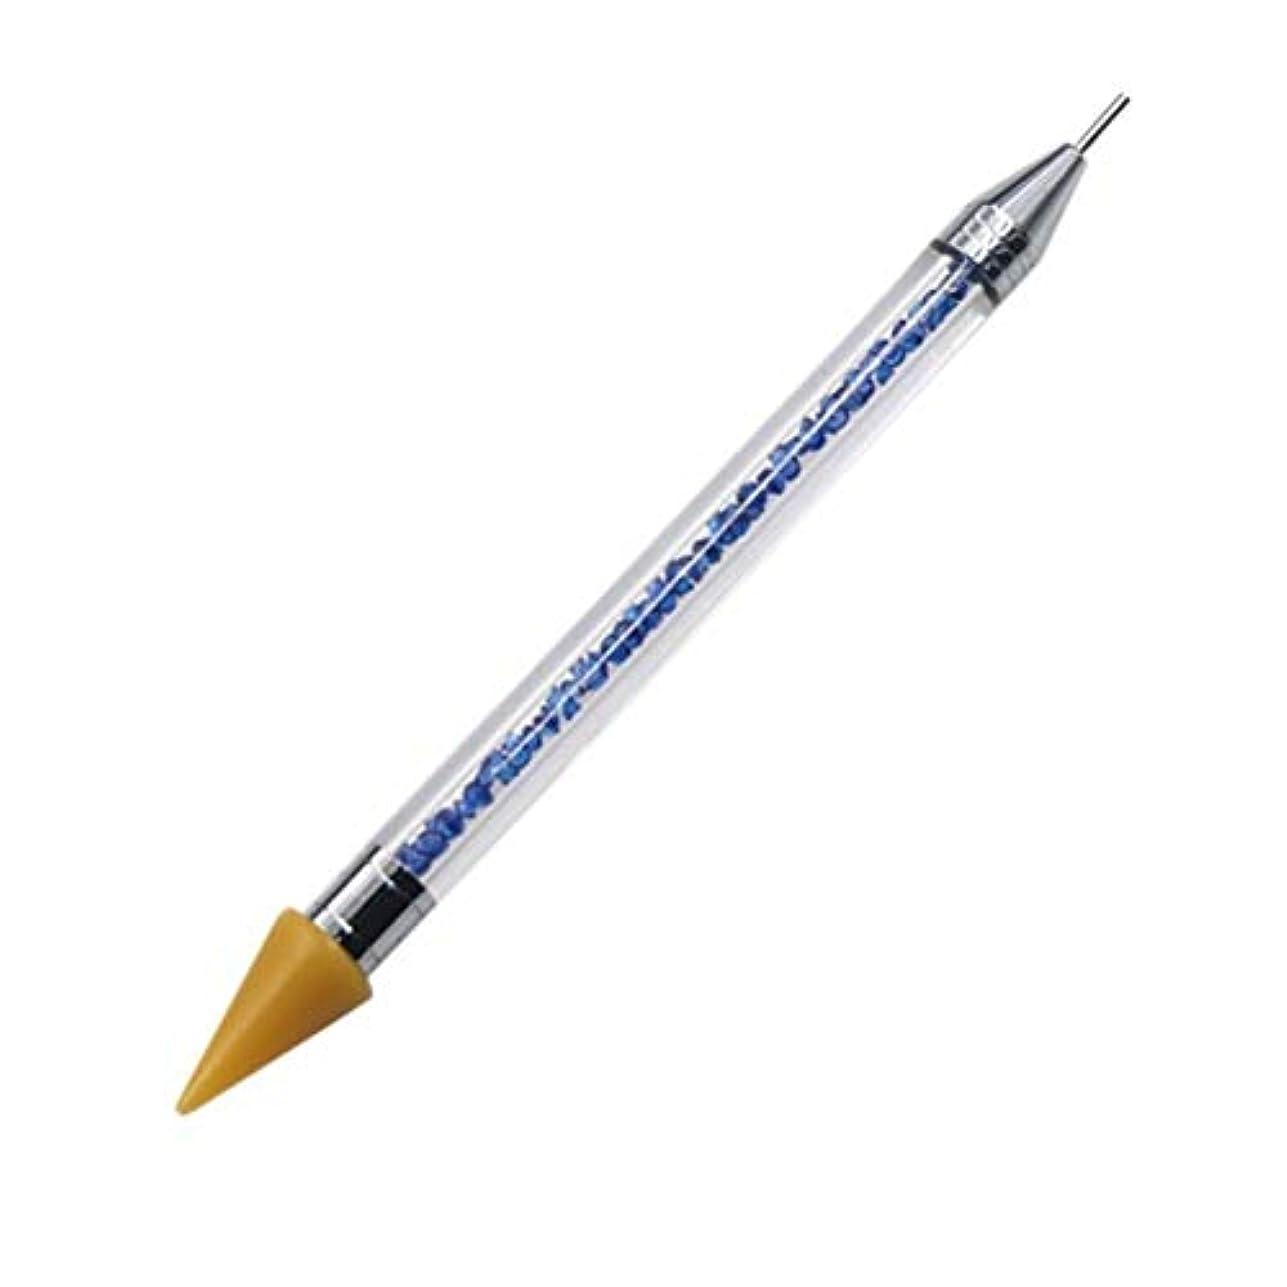 発信レコーダー小麦粉ネイルペン DIY デュアルエンド 絵画ツール ペン ネイル筆 ネイルアートペン ネイルアートブラシ マニキュアツールキット ネイルツール ネイル用品 ラインストーンピッカー点在ペン マニキュアネイルアート DIY 装飾ツール